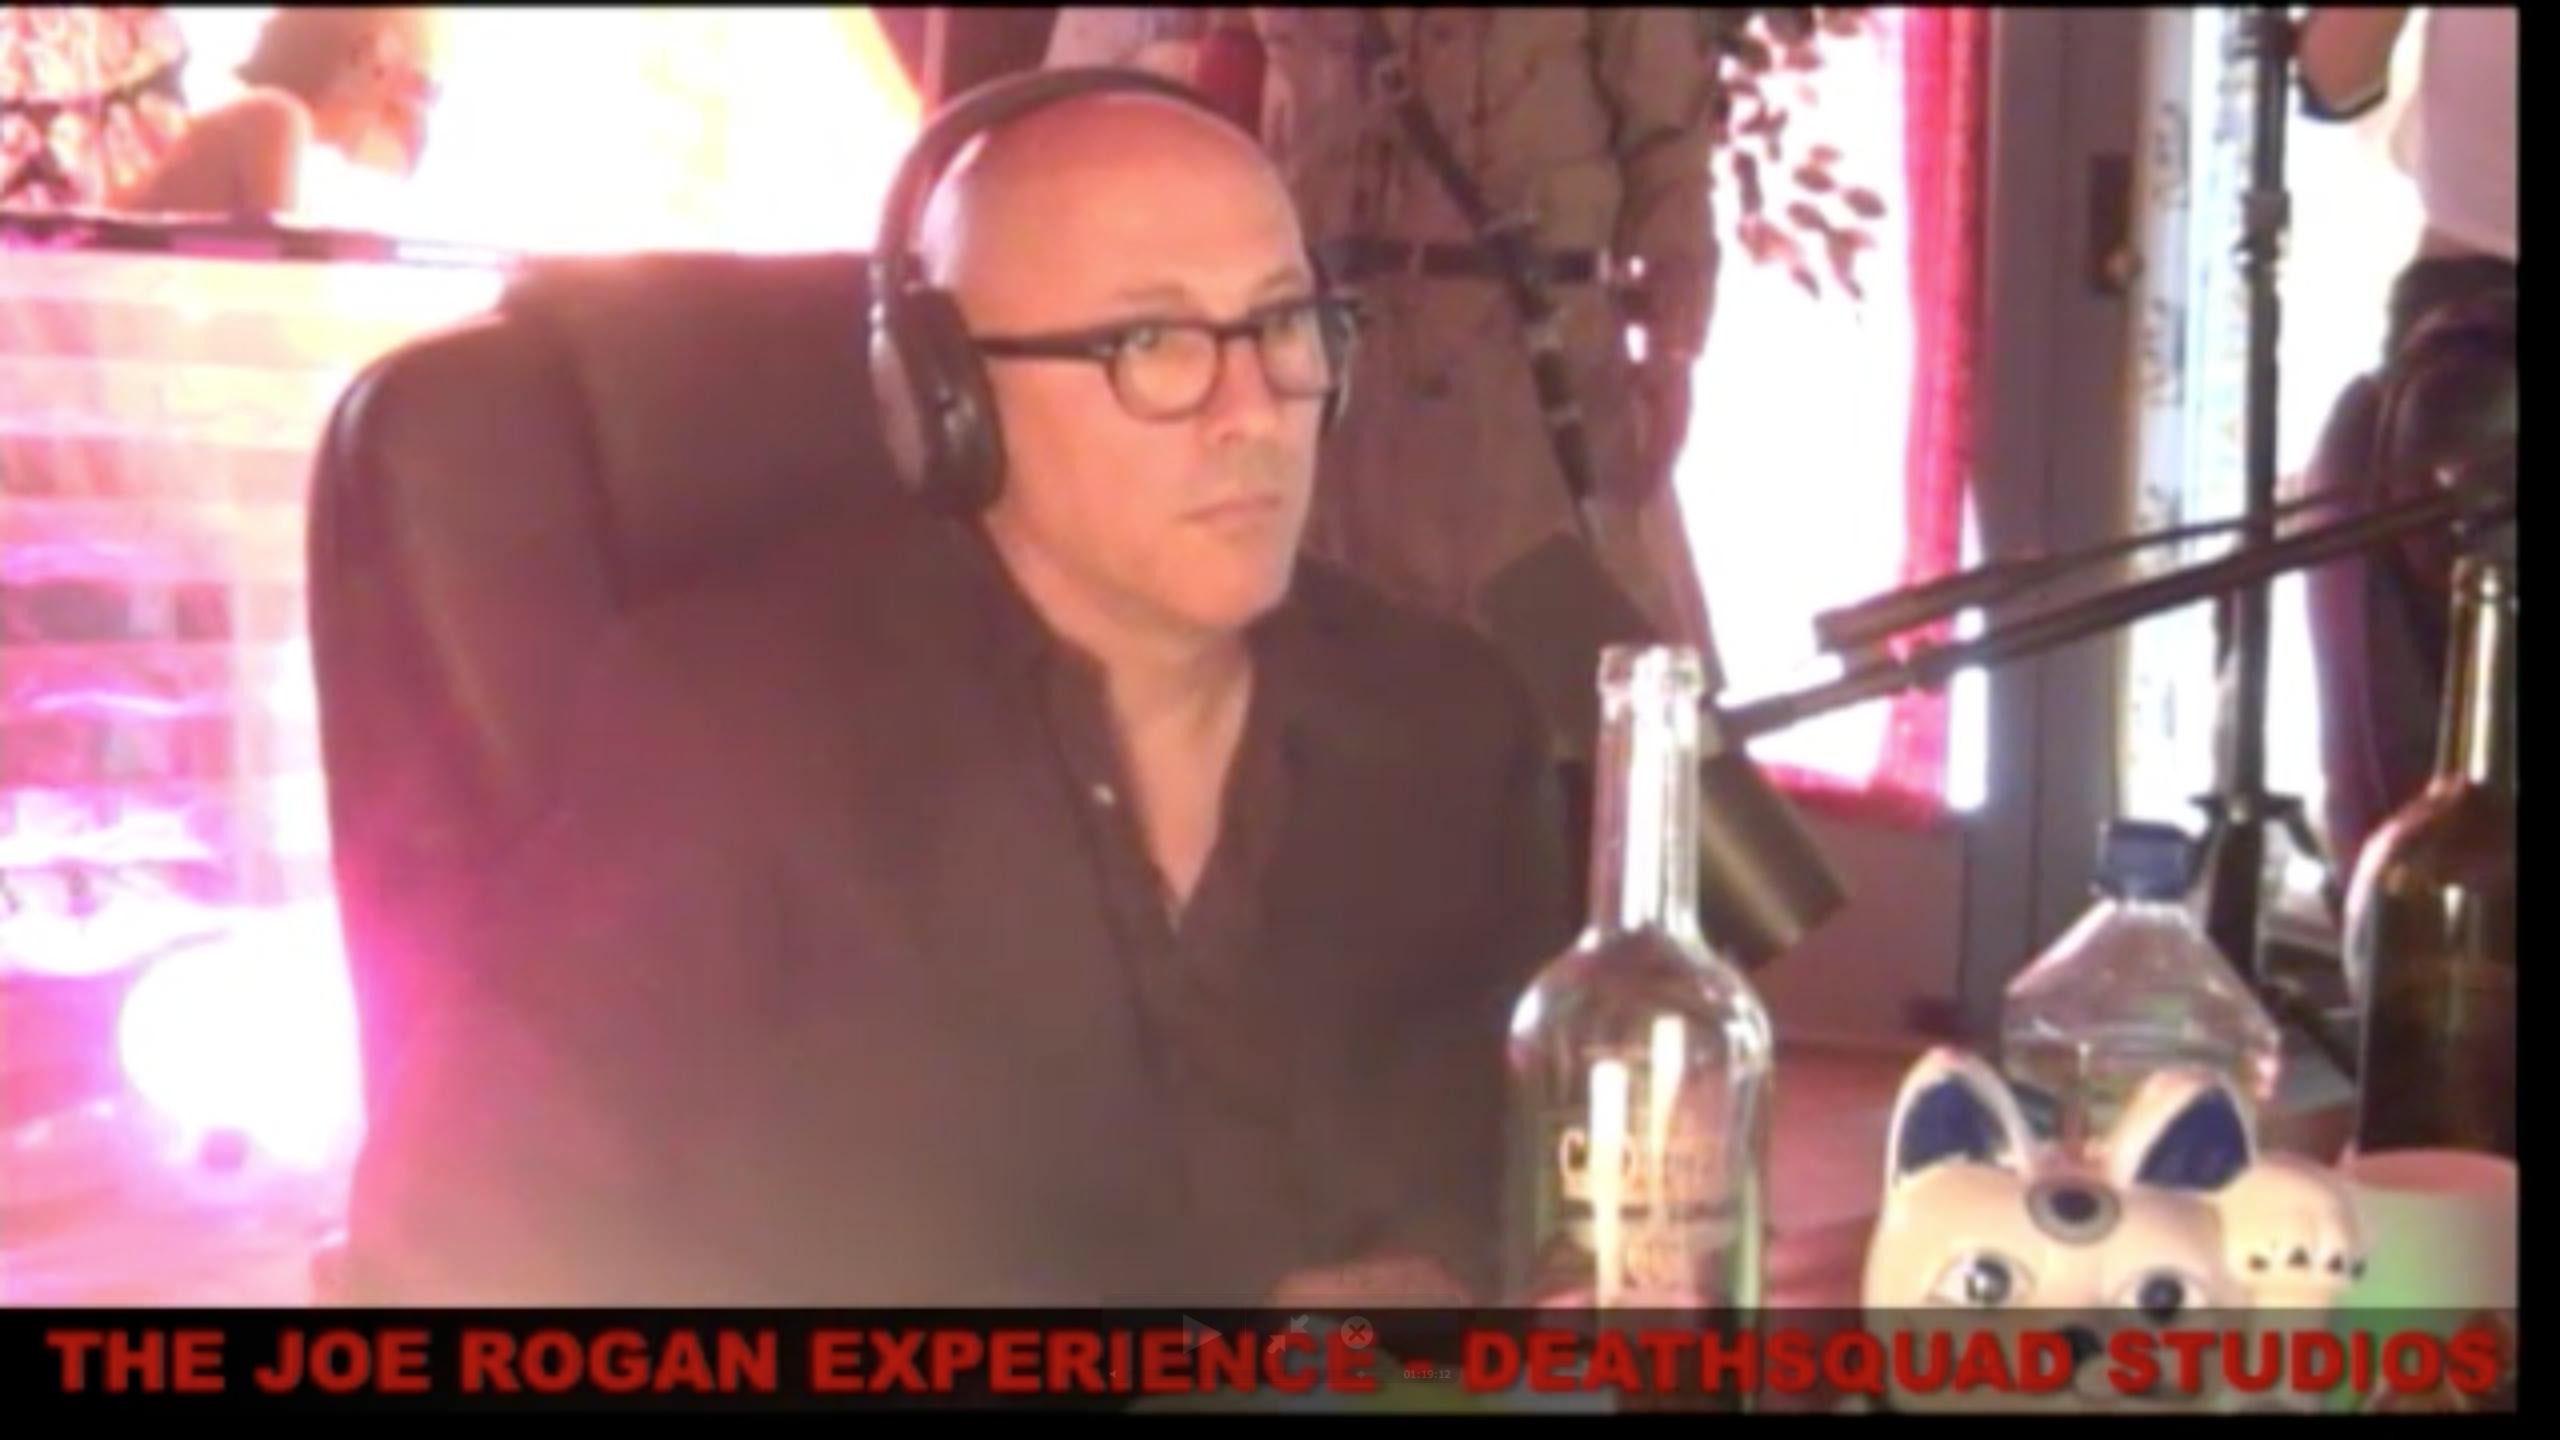 The Joe Rogan Experience #246 -  Maynard J Keenan,  Brian Redban